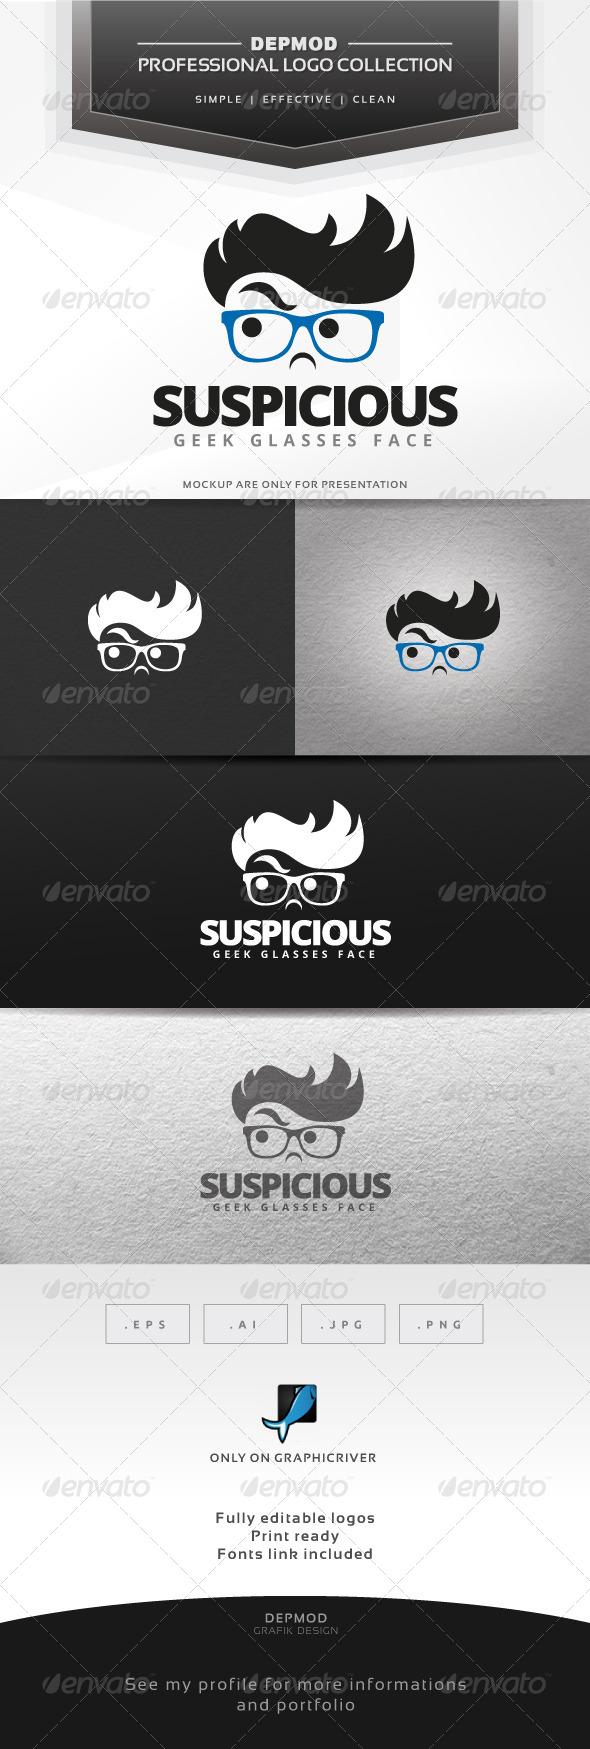 GraphicRiver Suspicious Geek Logo 6543198